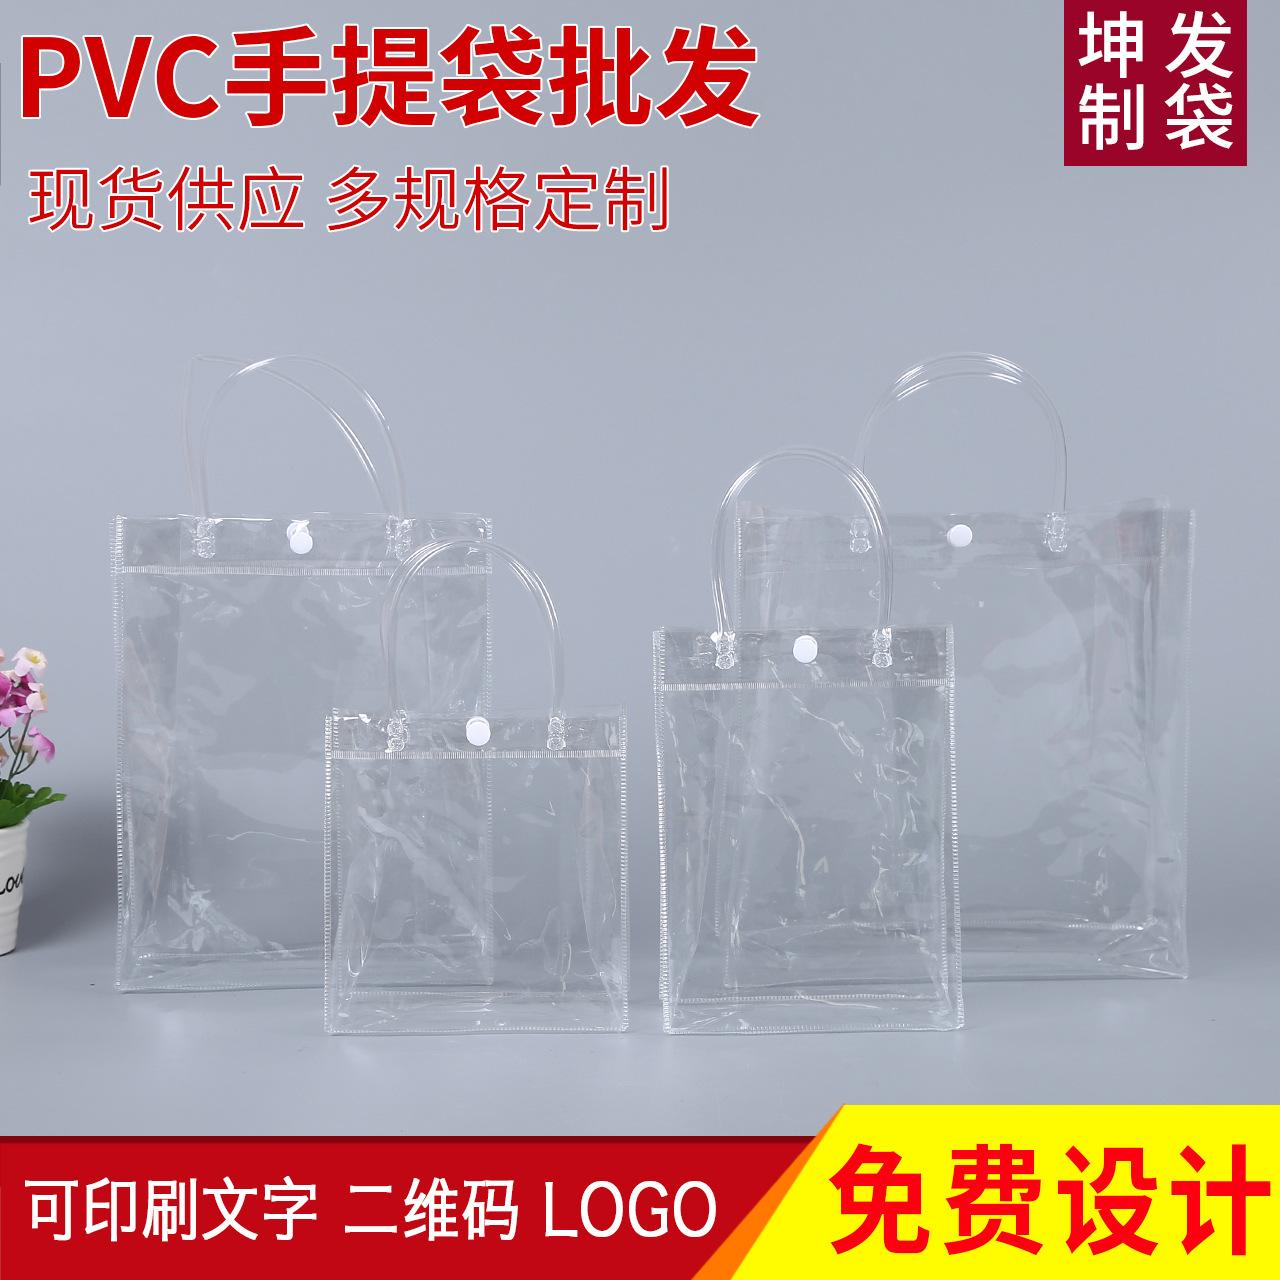 厂家现货批发透明pvc按扣纽扣袋pe袋塑料包装袋定做pvc手提袋定制